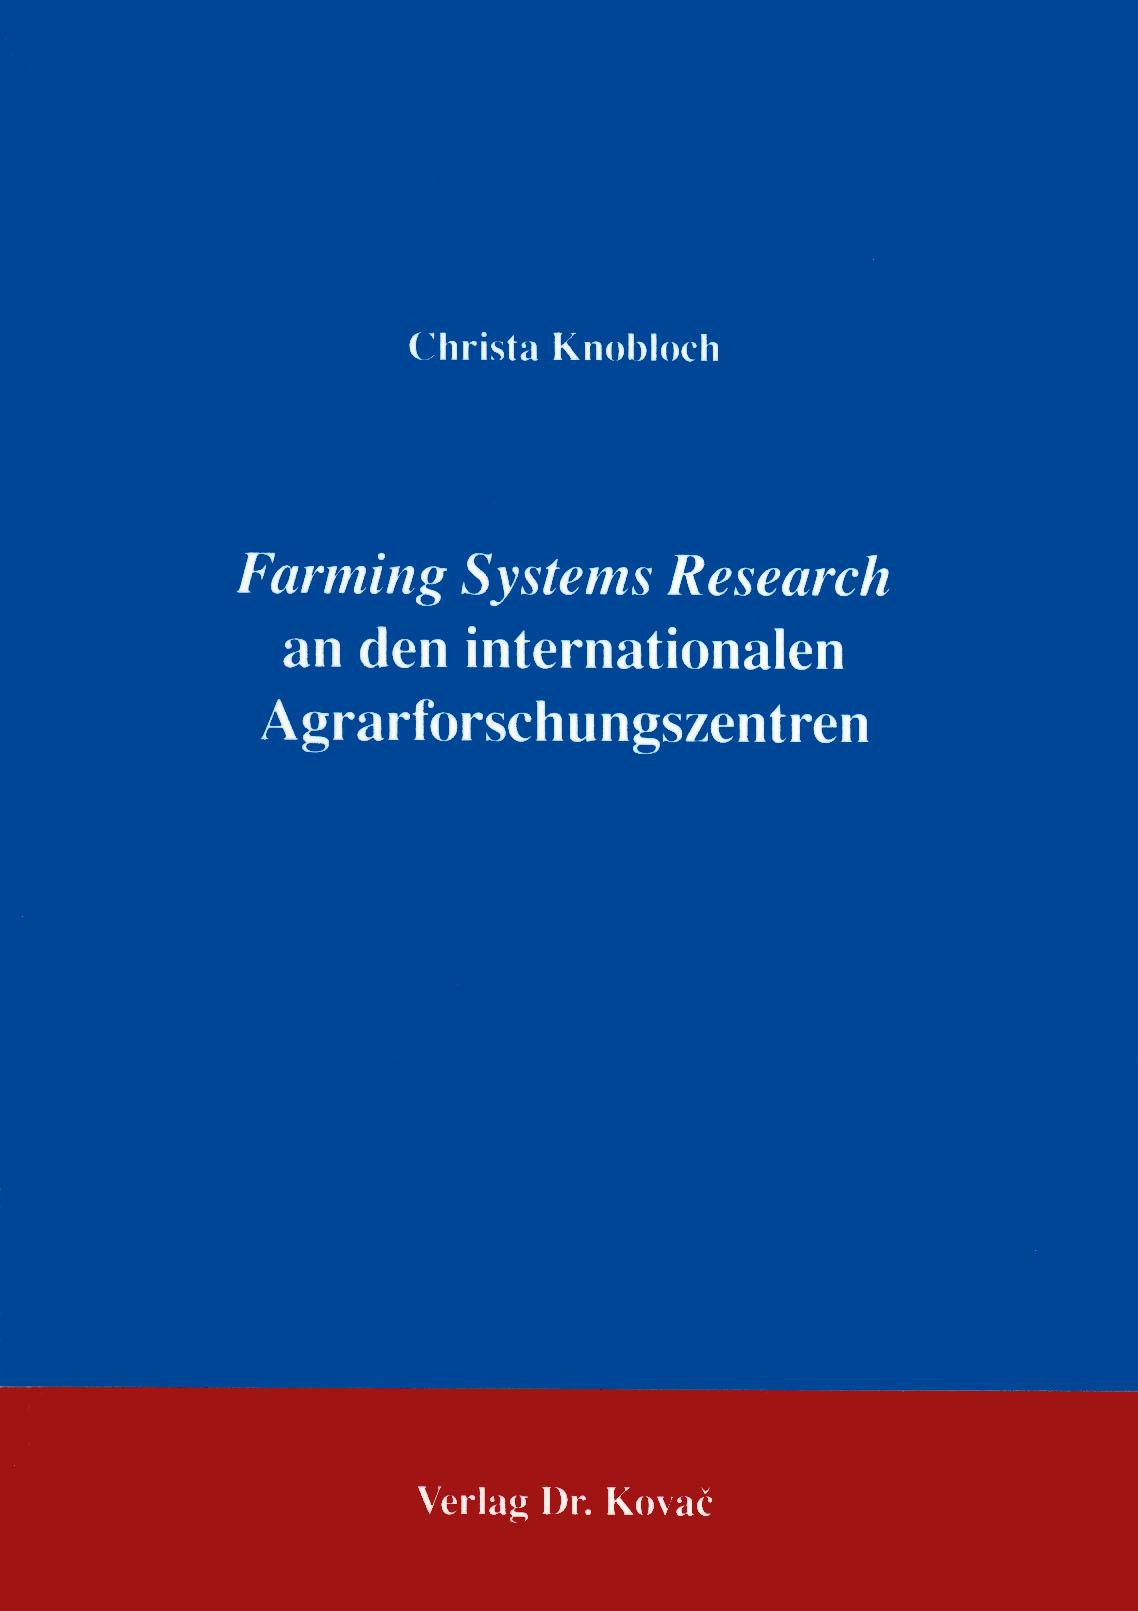 Cover: Farming Systems Research an den internationalen Agrarforschungszentren